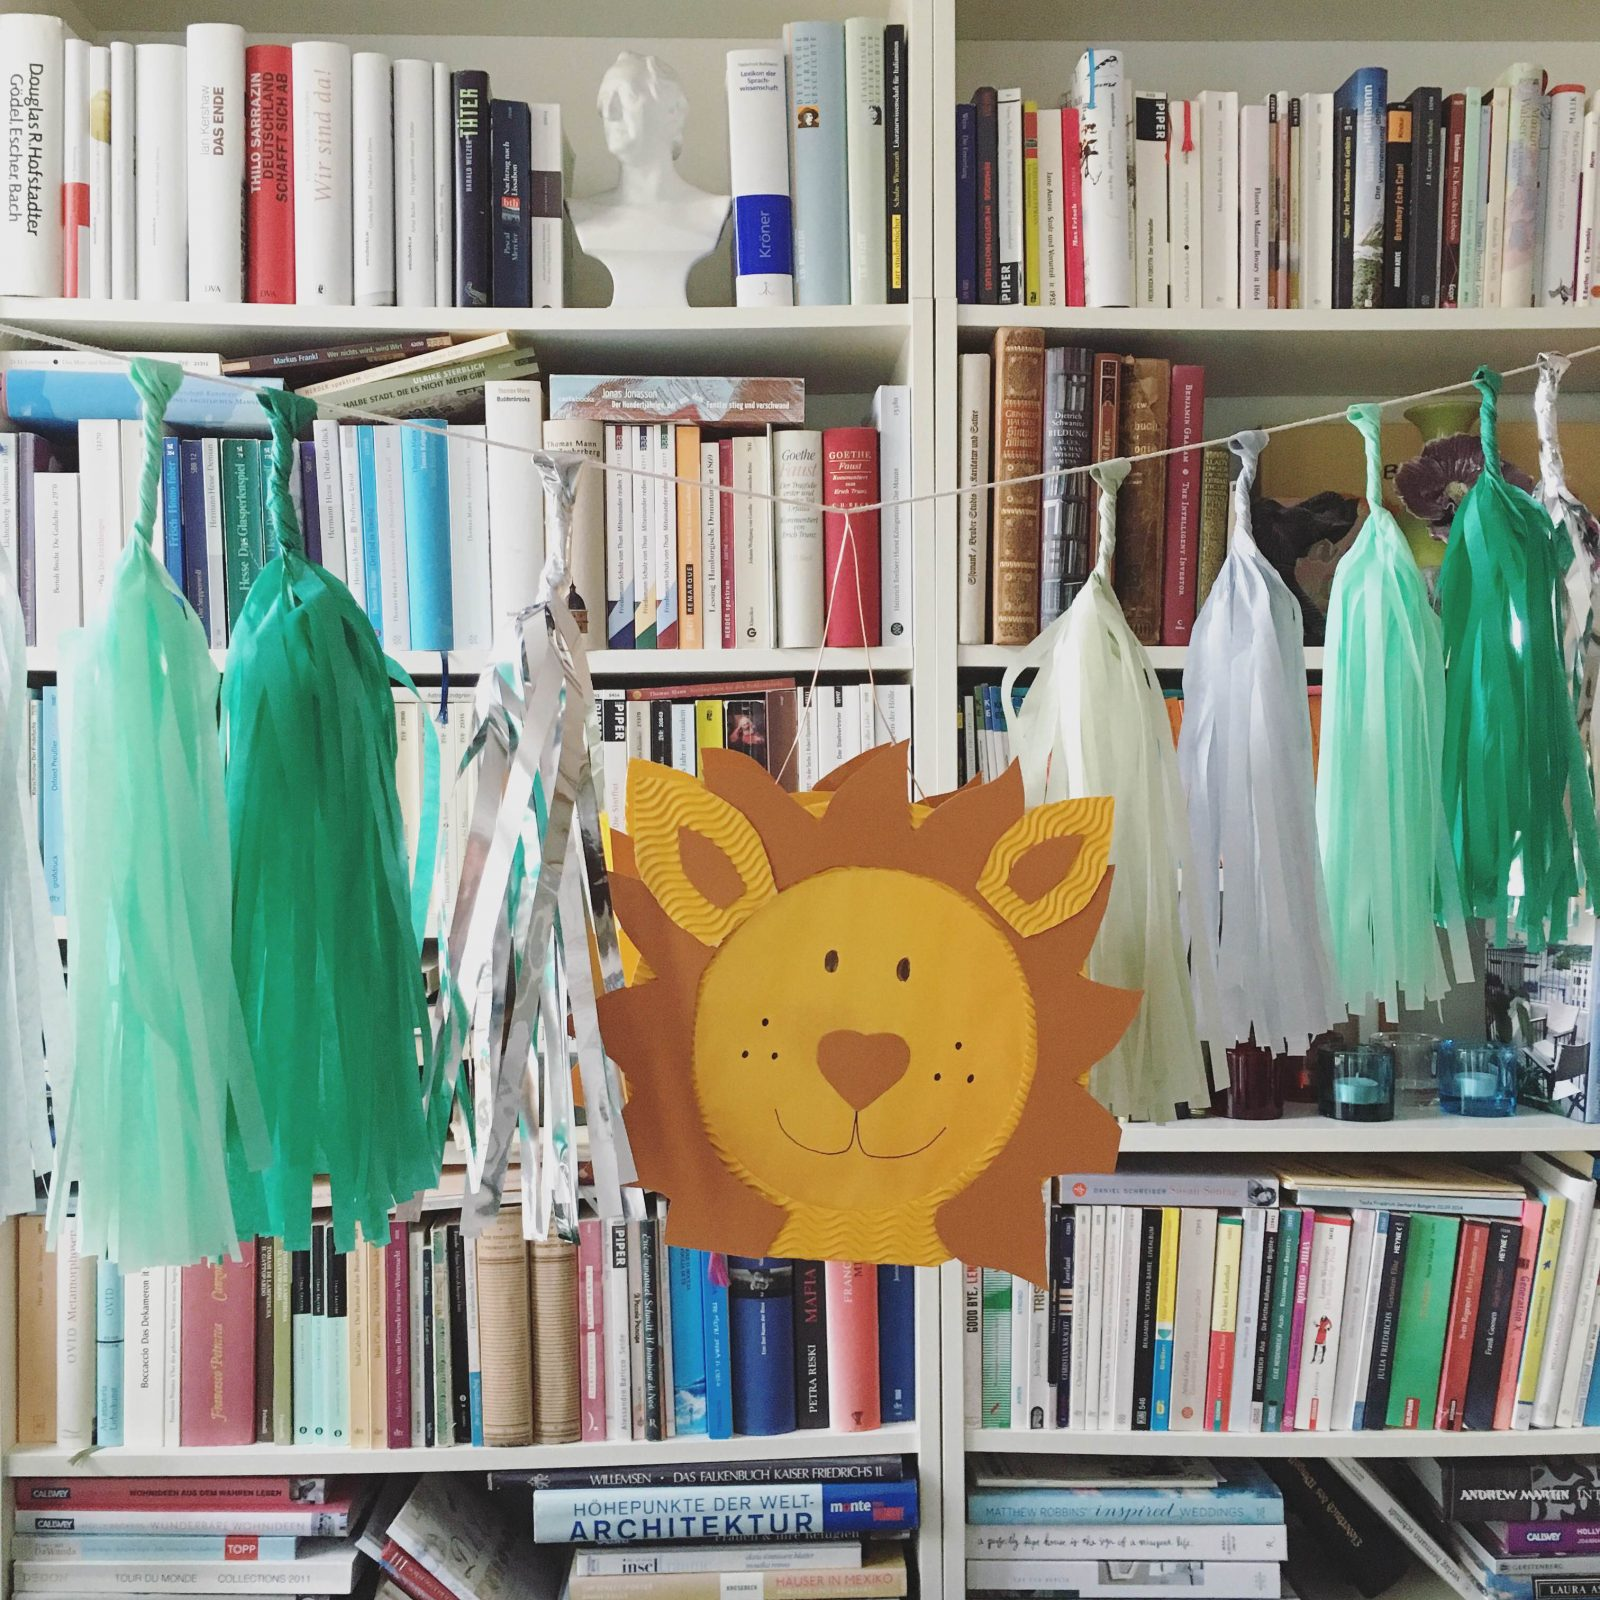 Kindergeburtstag planen mit Pinterest: Friedrichs Loewenparty und Geschenkideen